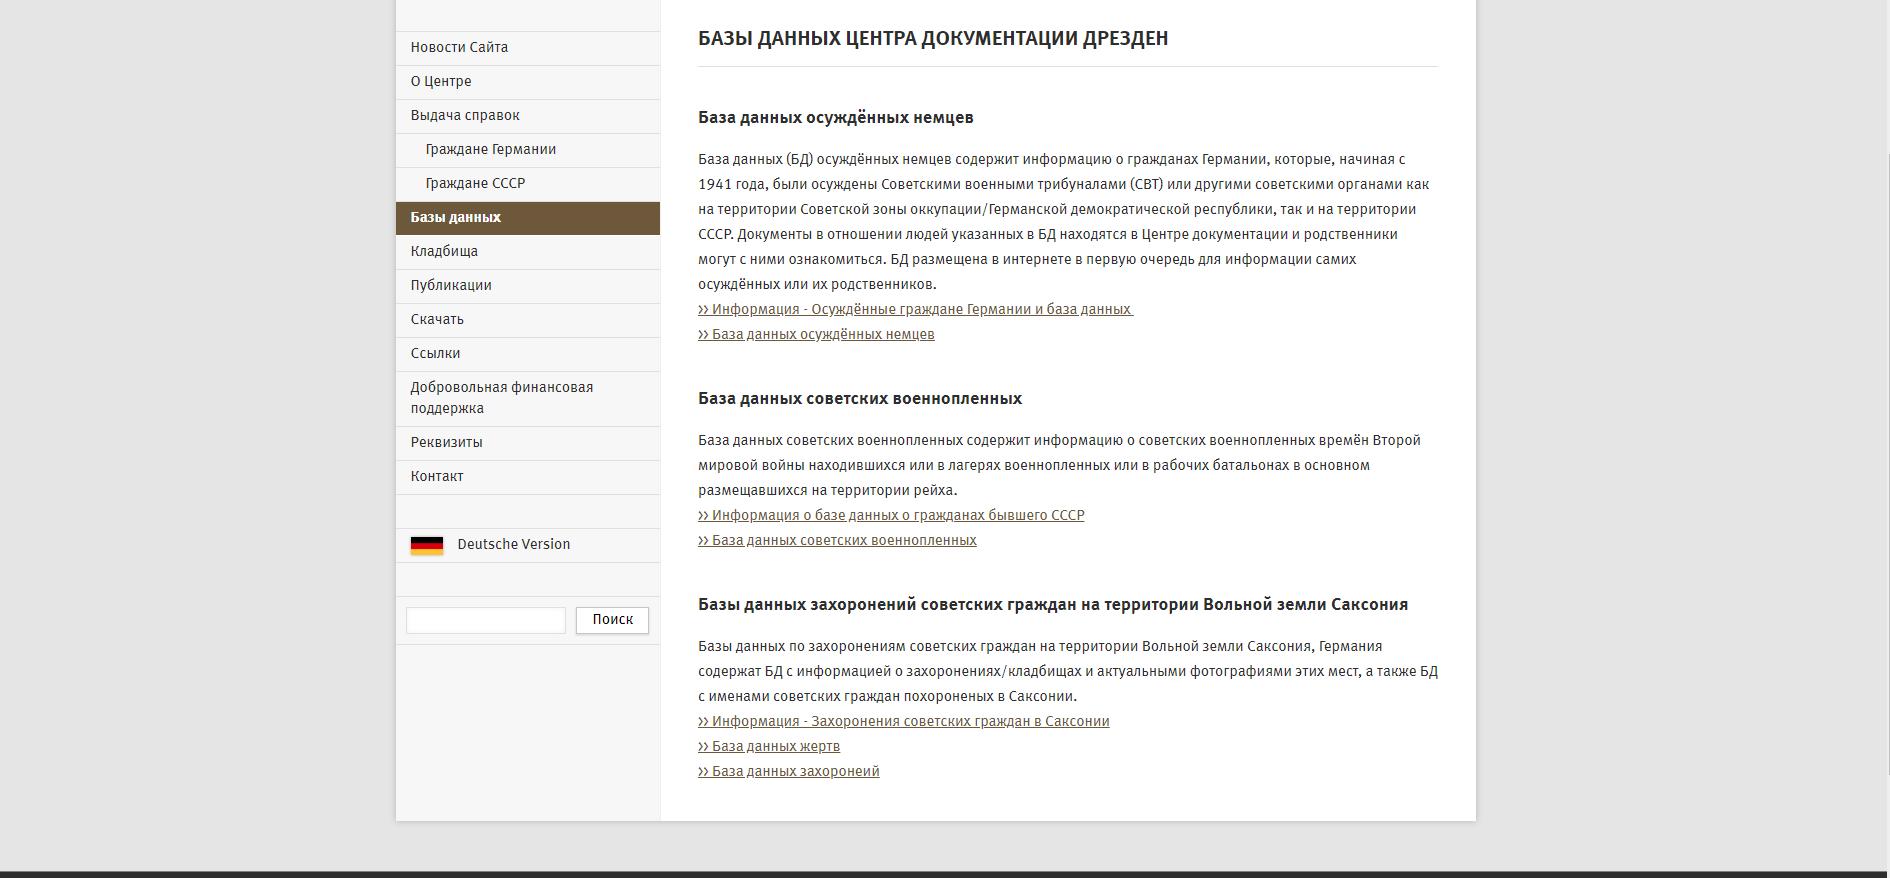 dokst.ru – Базы данных со сведениями о погибших в плену на территории Германии; найти участника войны